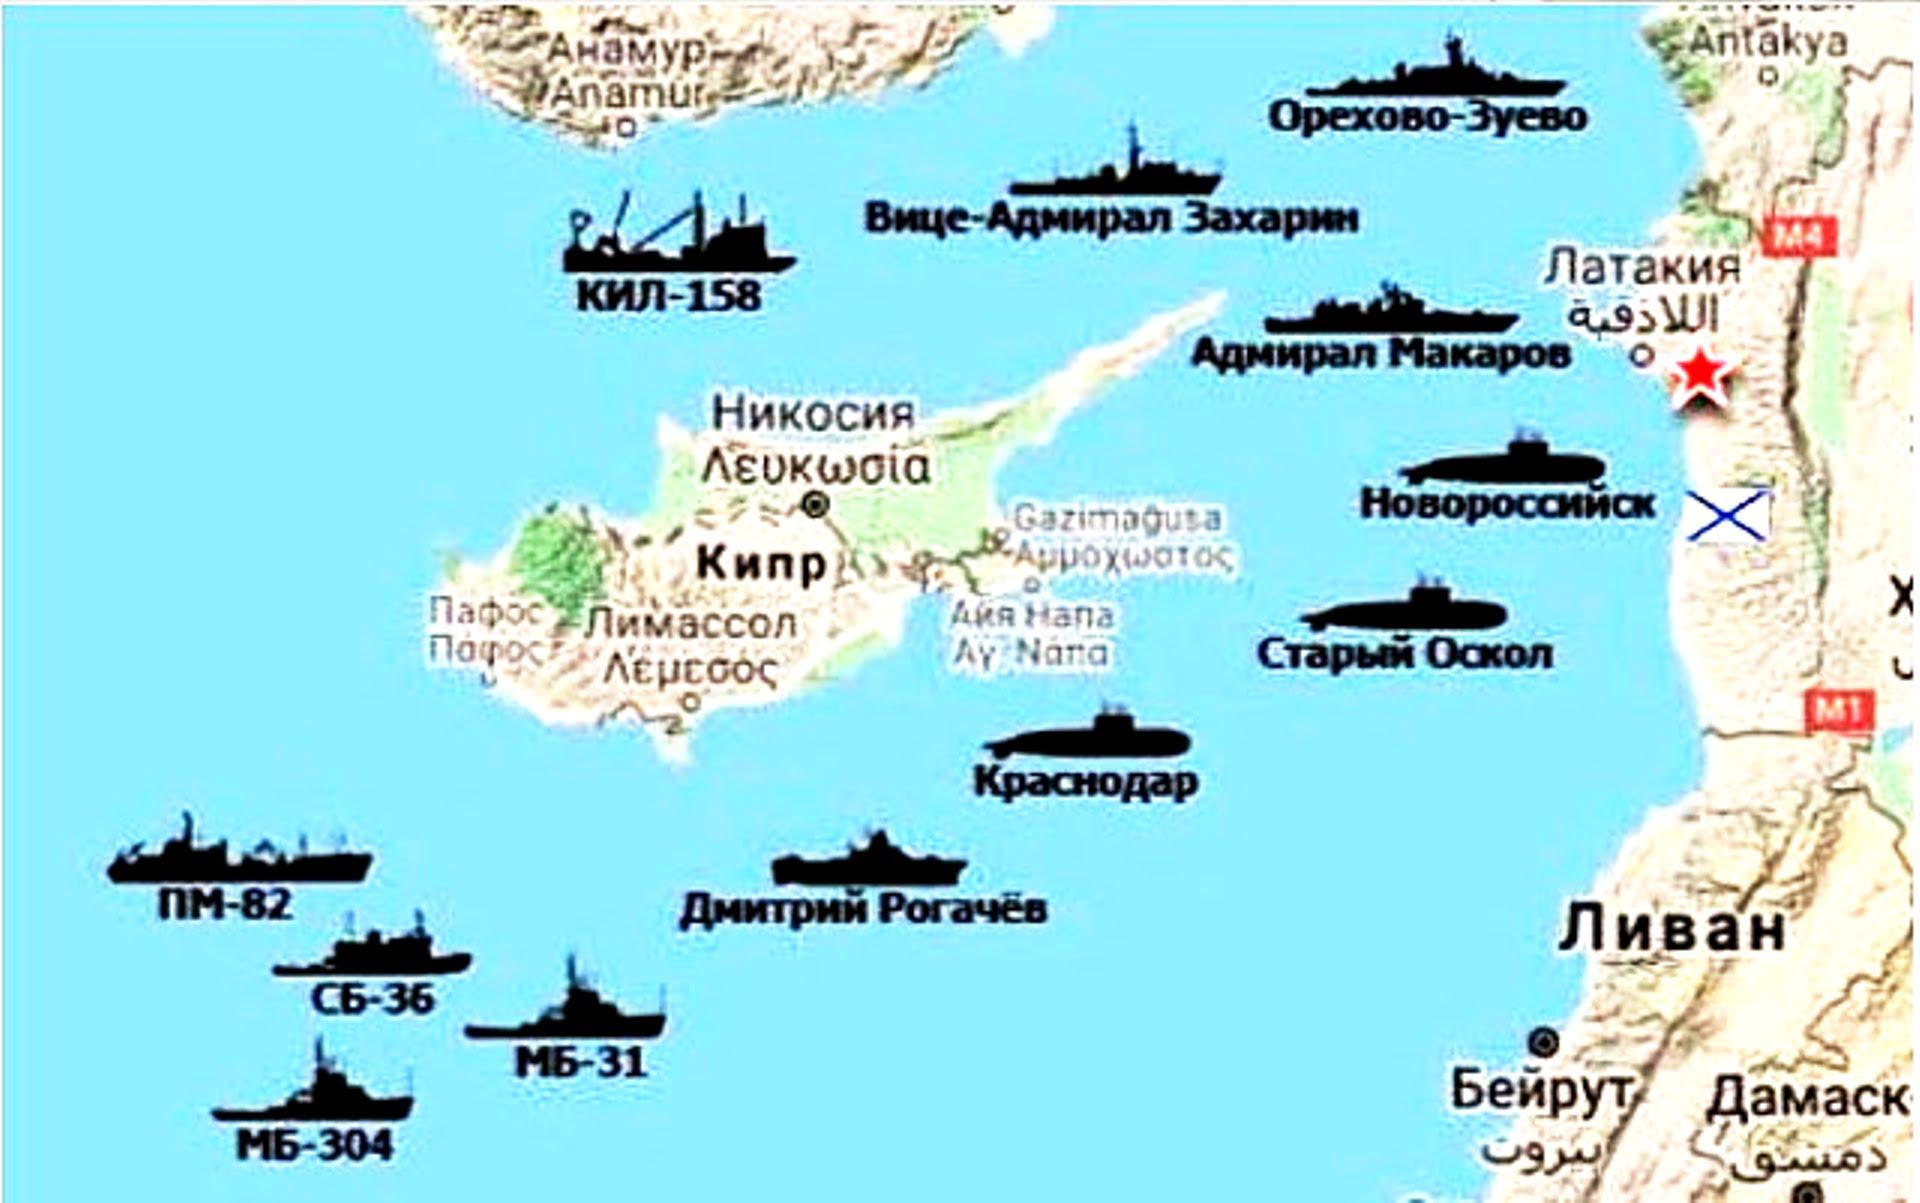 Ανησυχία Τουρκίας για ενέργειες της Ρωσίας σε Κύπρο και Συρία